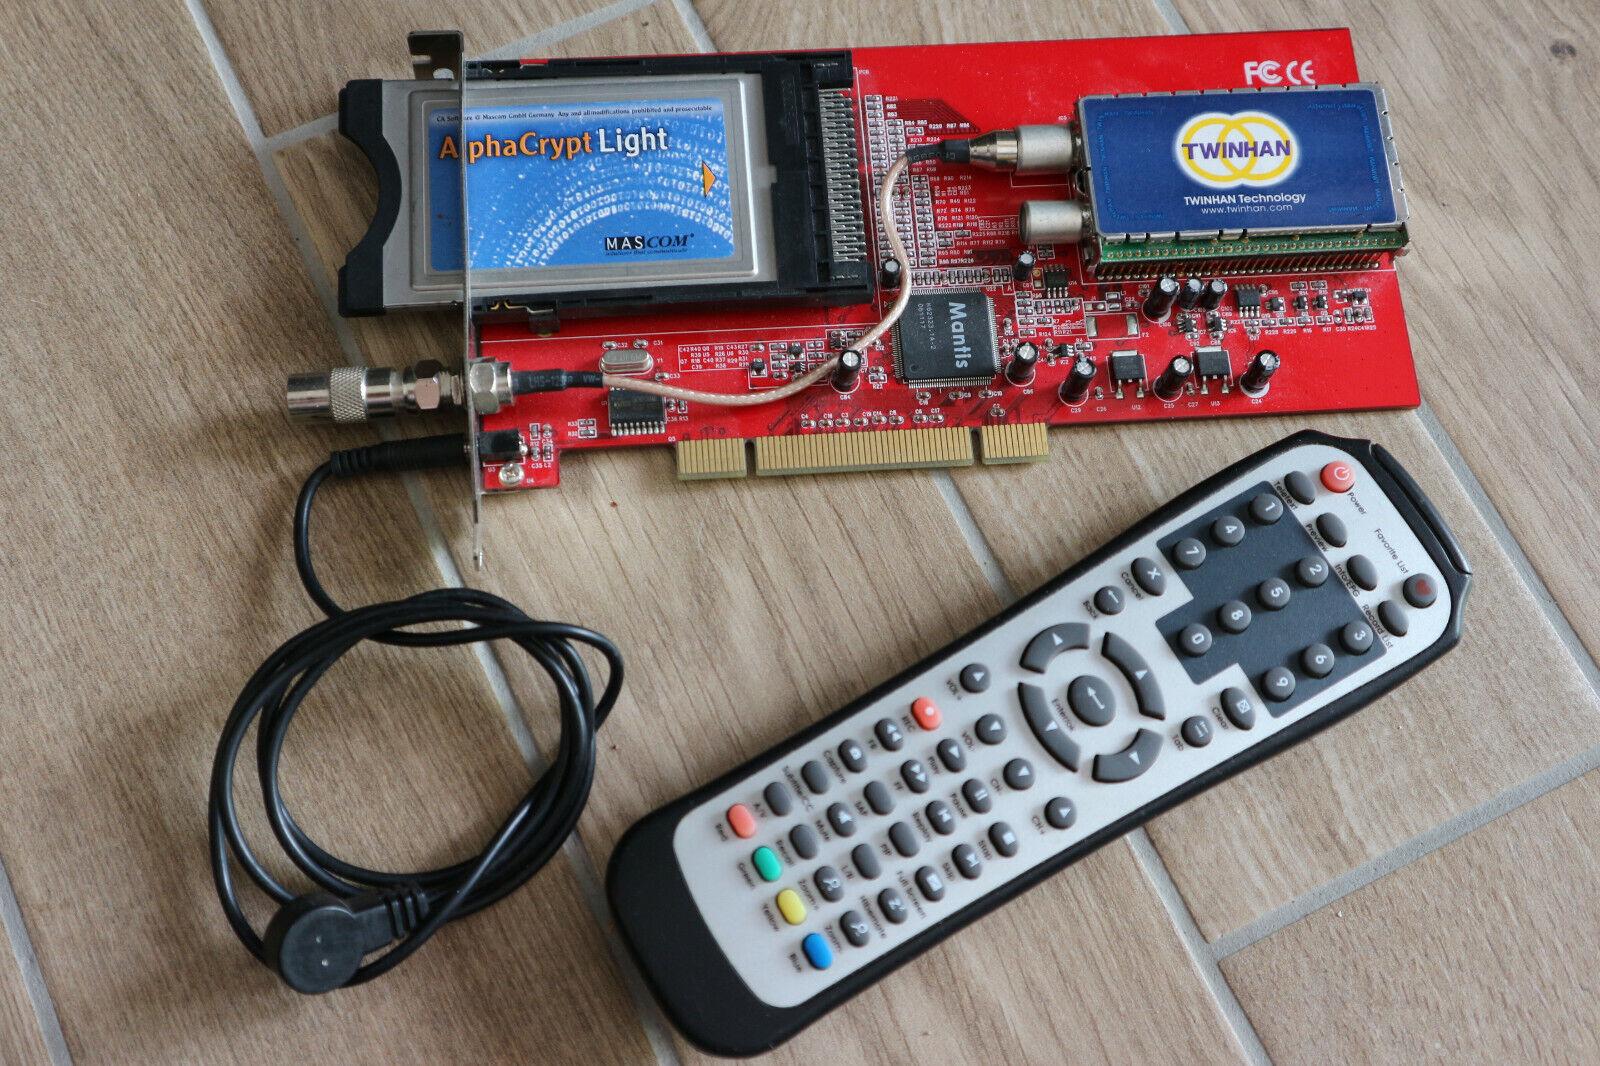 TV Karte Alpha Crypt light Mascom Version R 2.3 CI Modul Twinhan Mantis